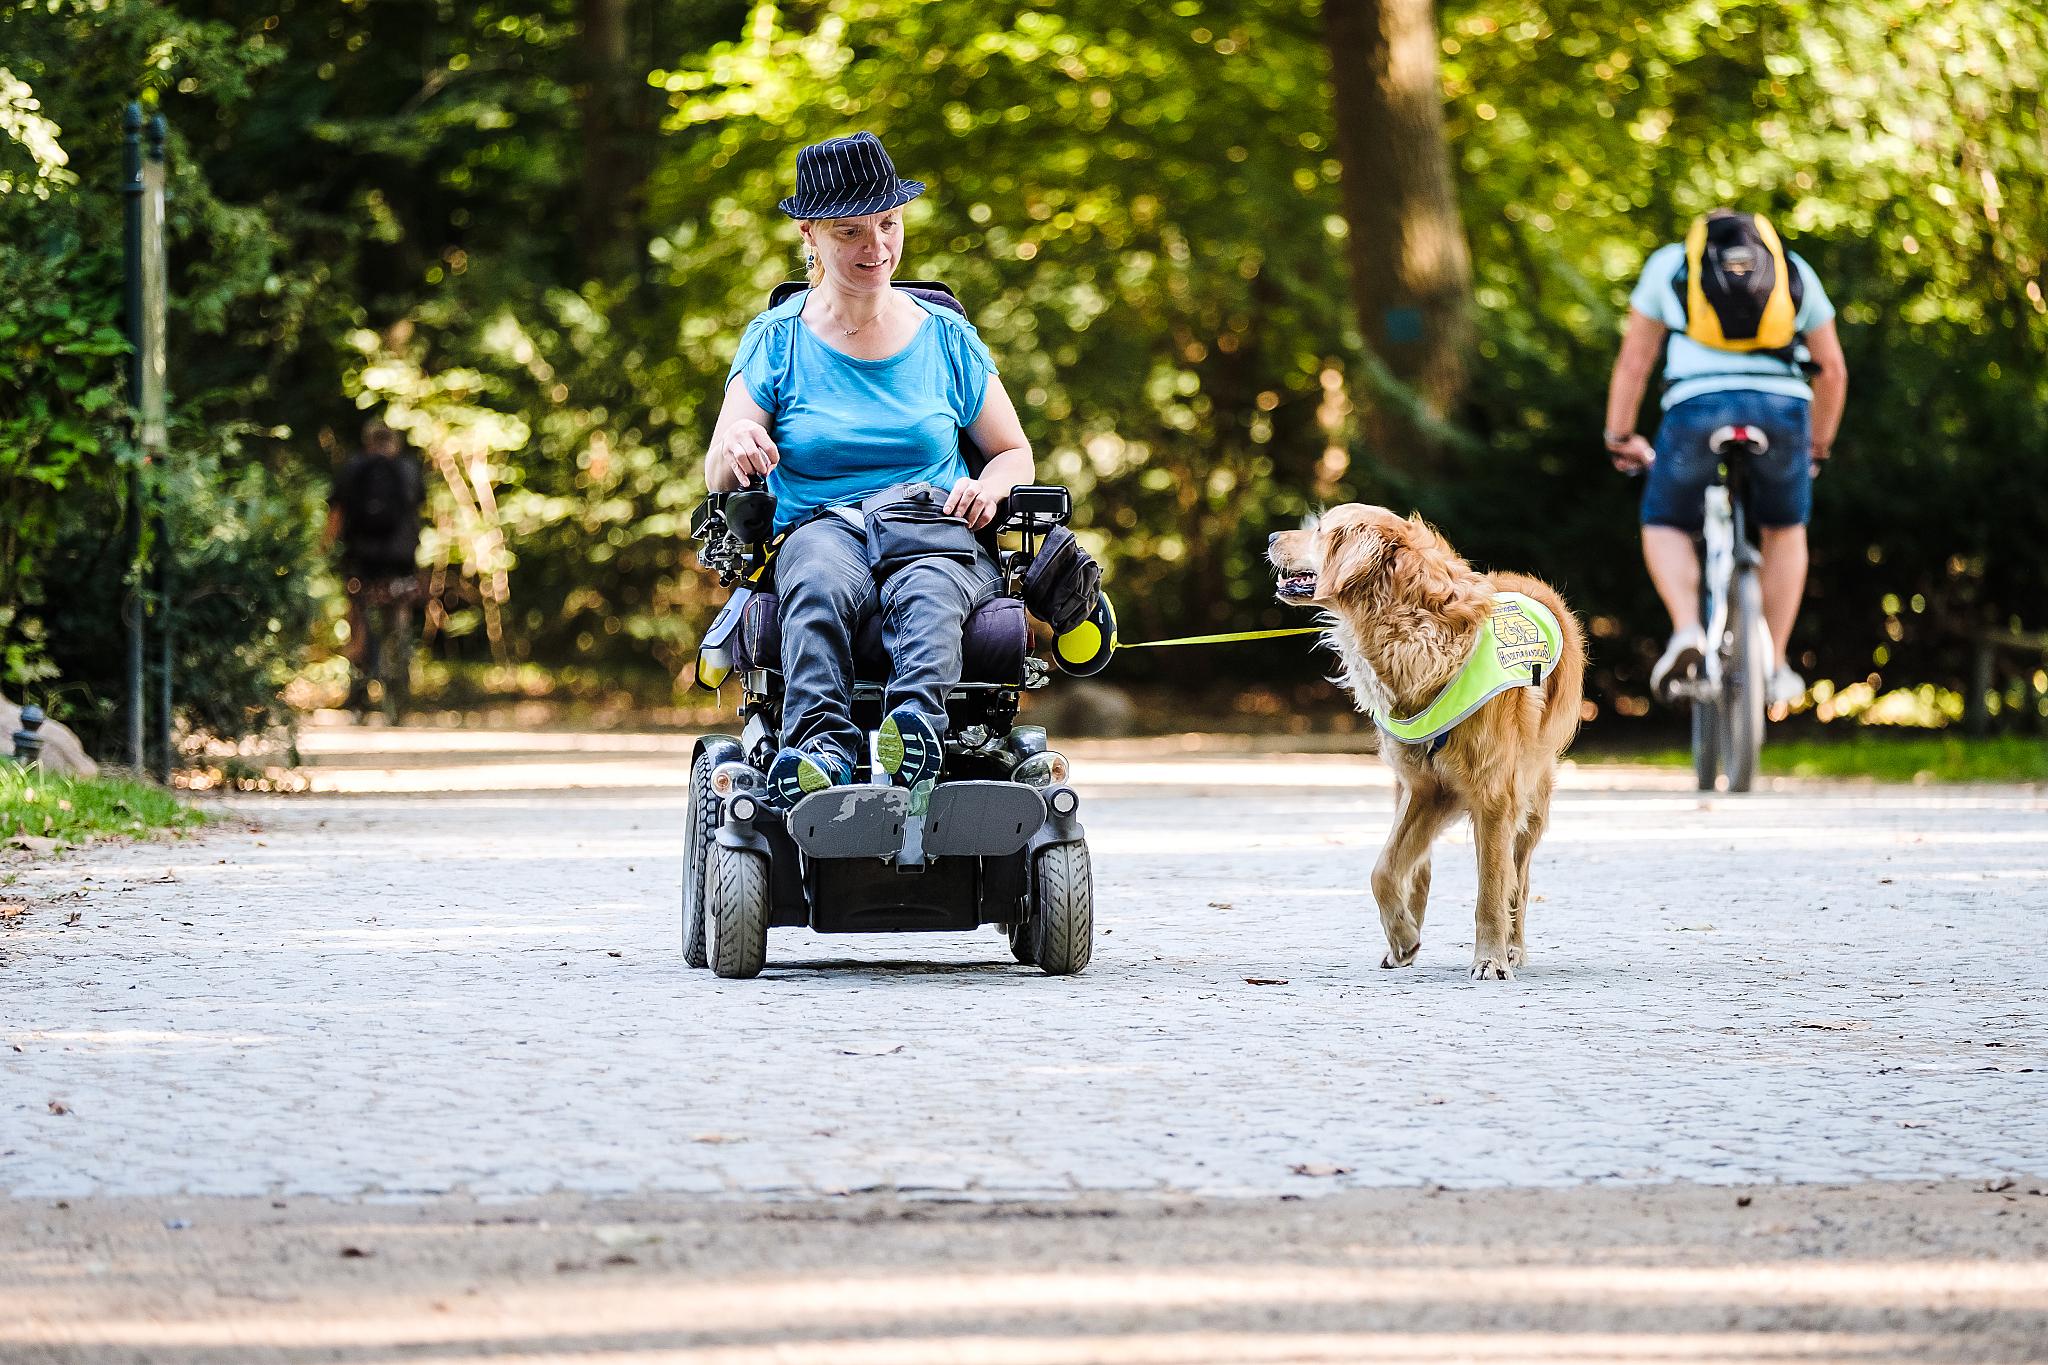 Eine Frau ist im Rollstuhl mit ihrem Assistenzhund im Park unterwegs.